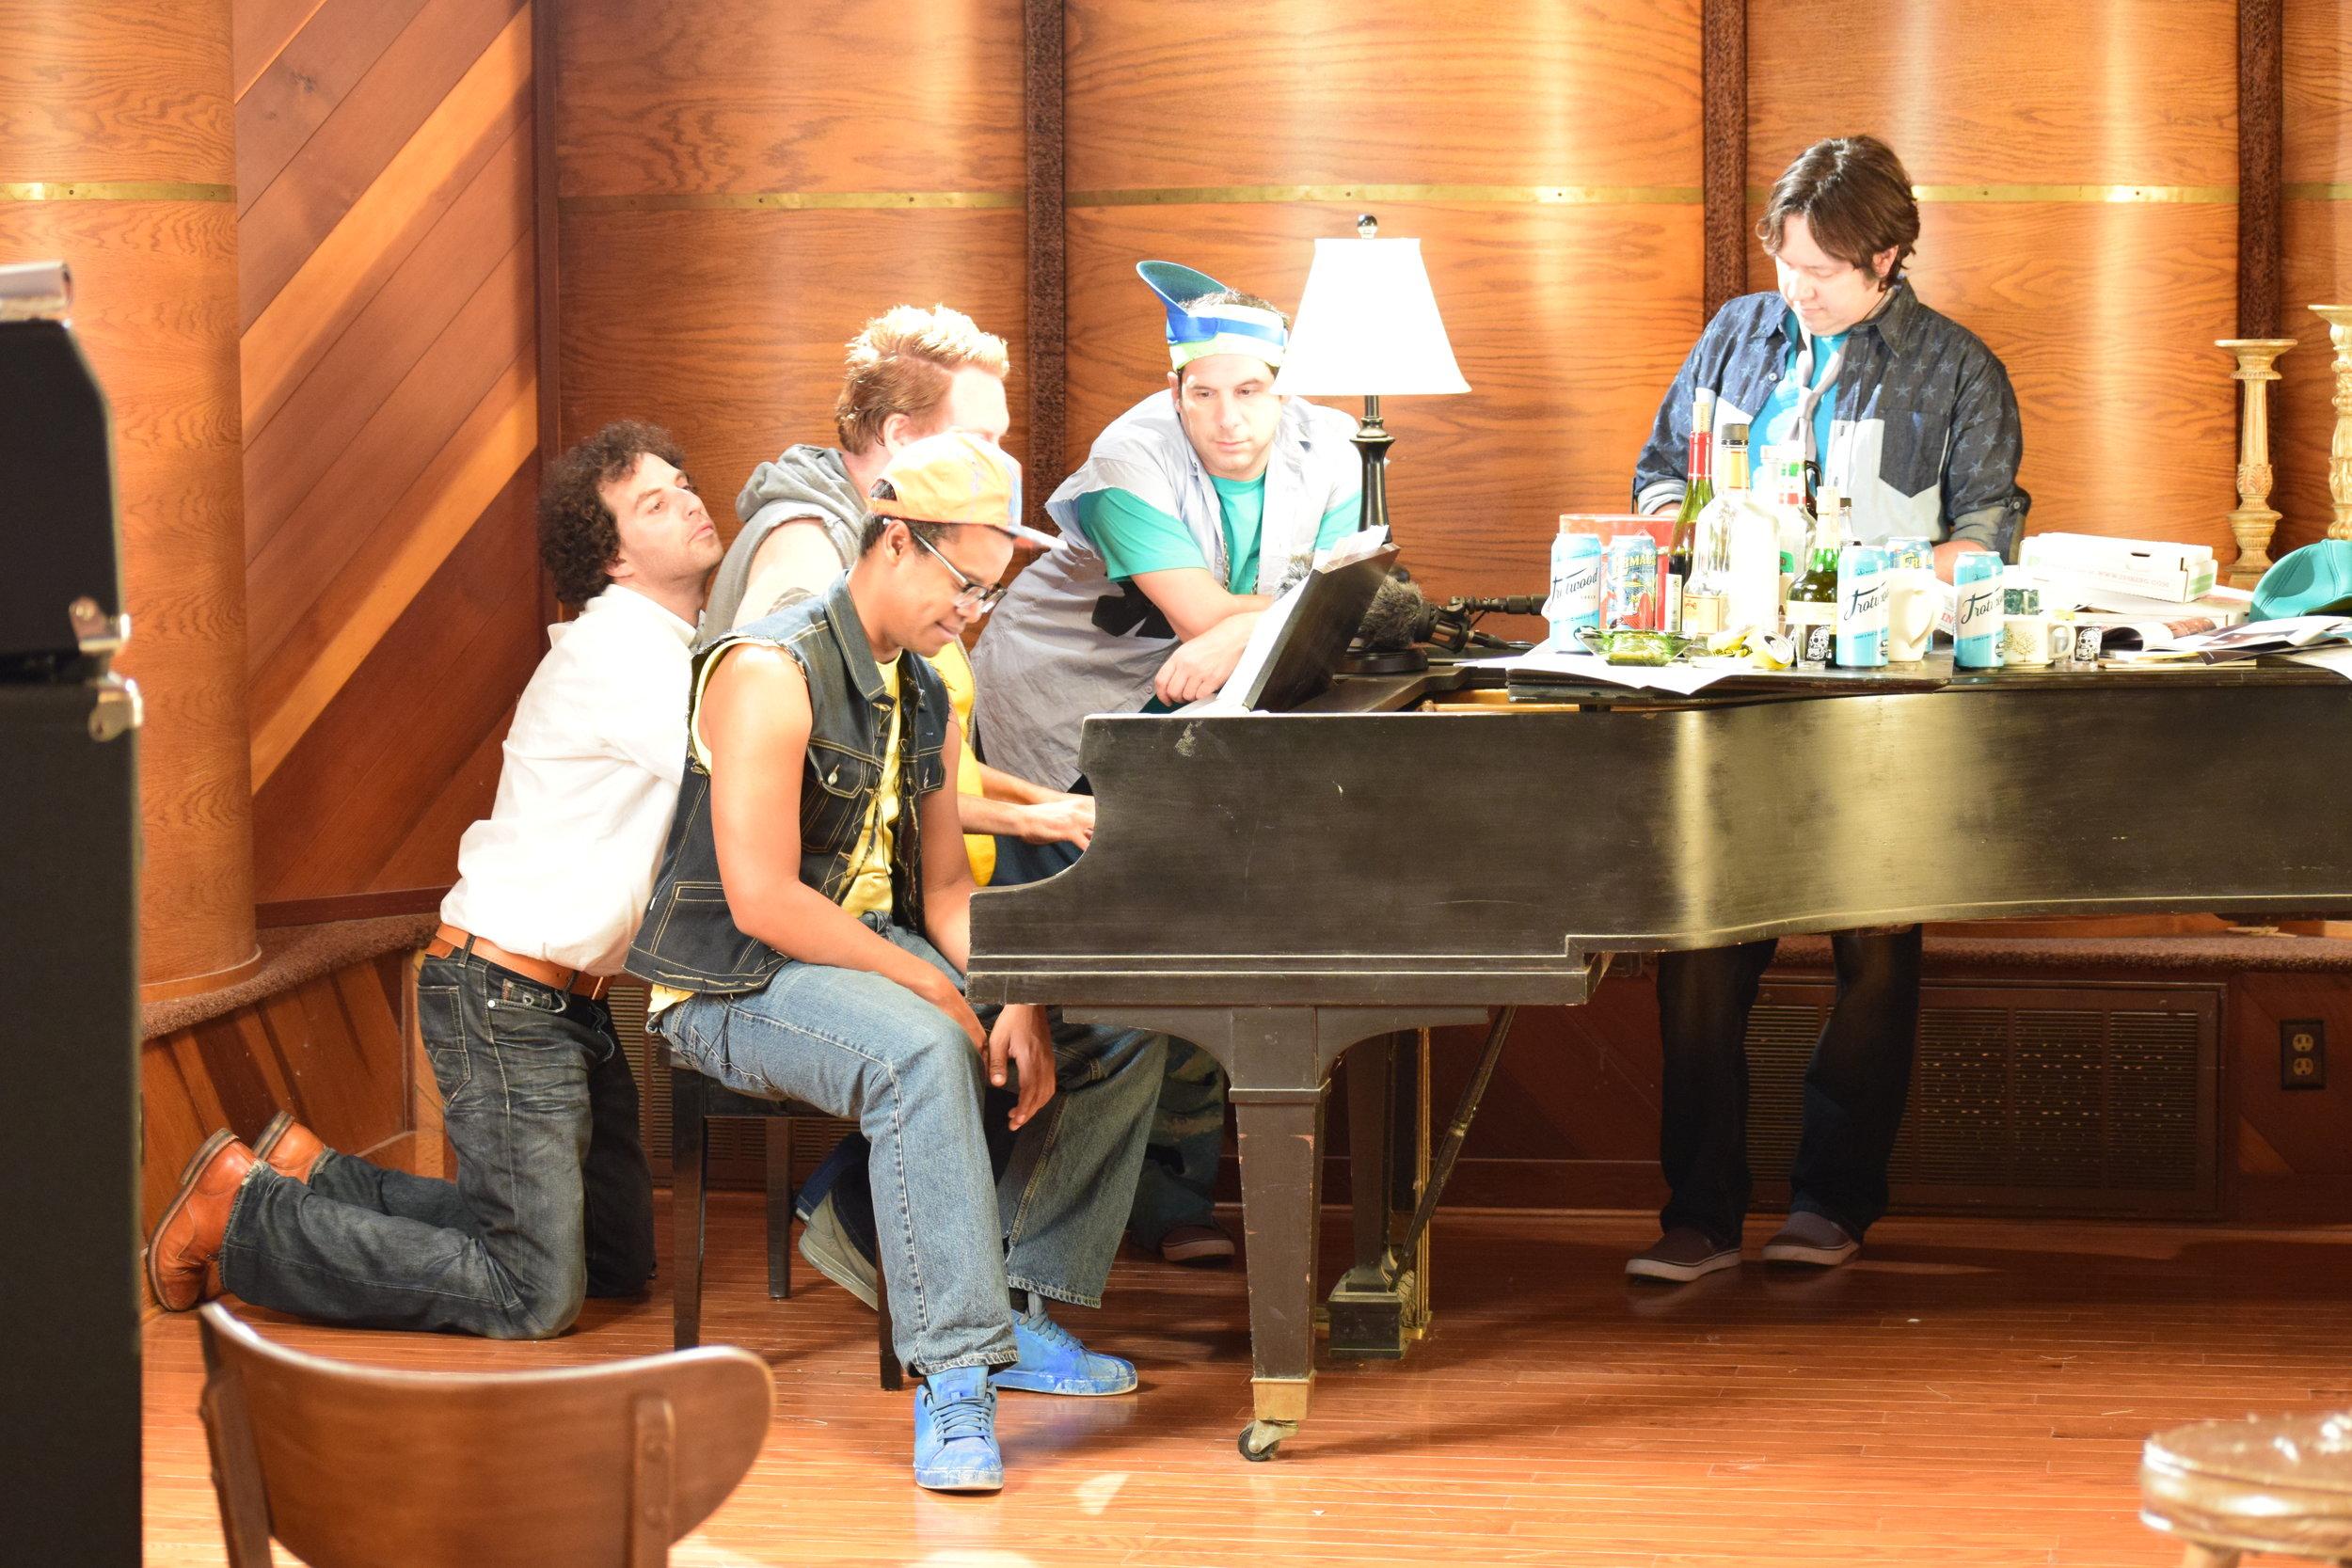 Band at Piano- Joel Arms playing.jpg